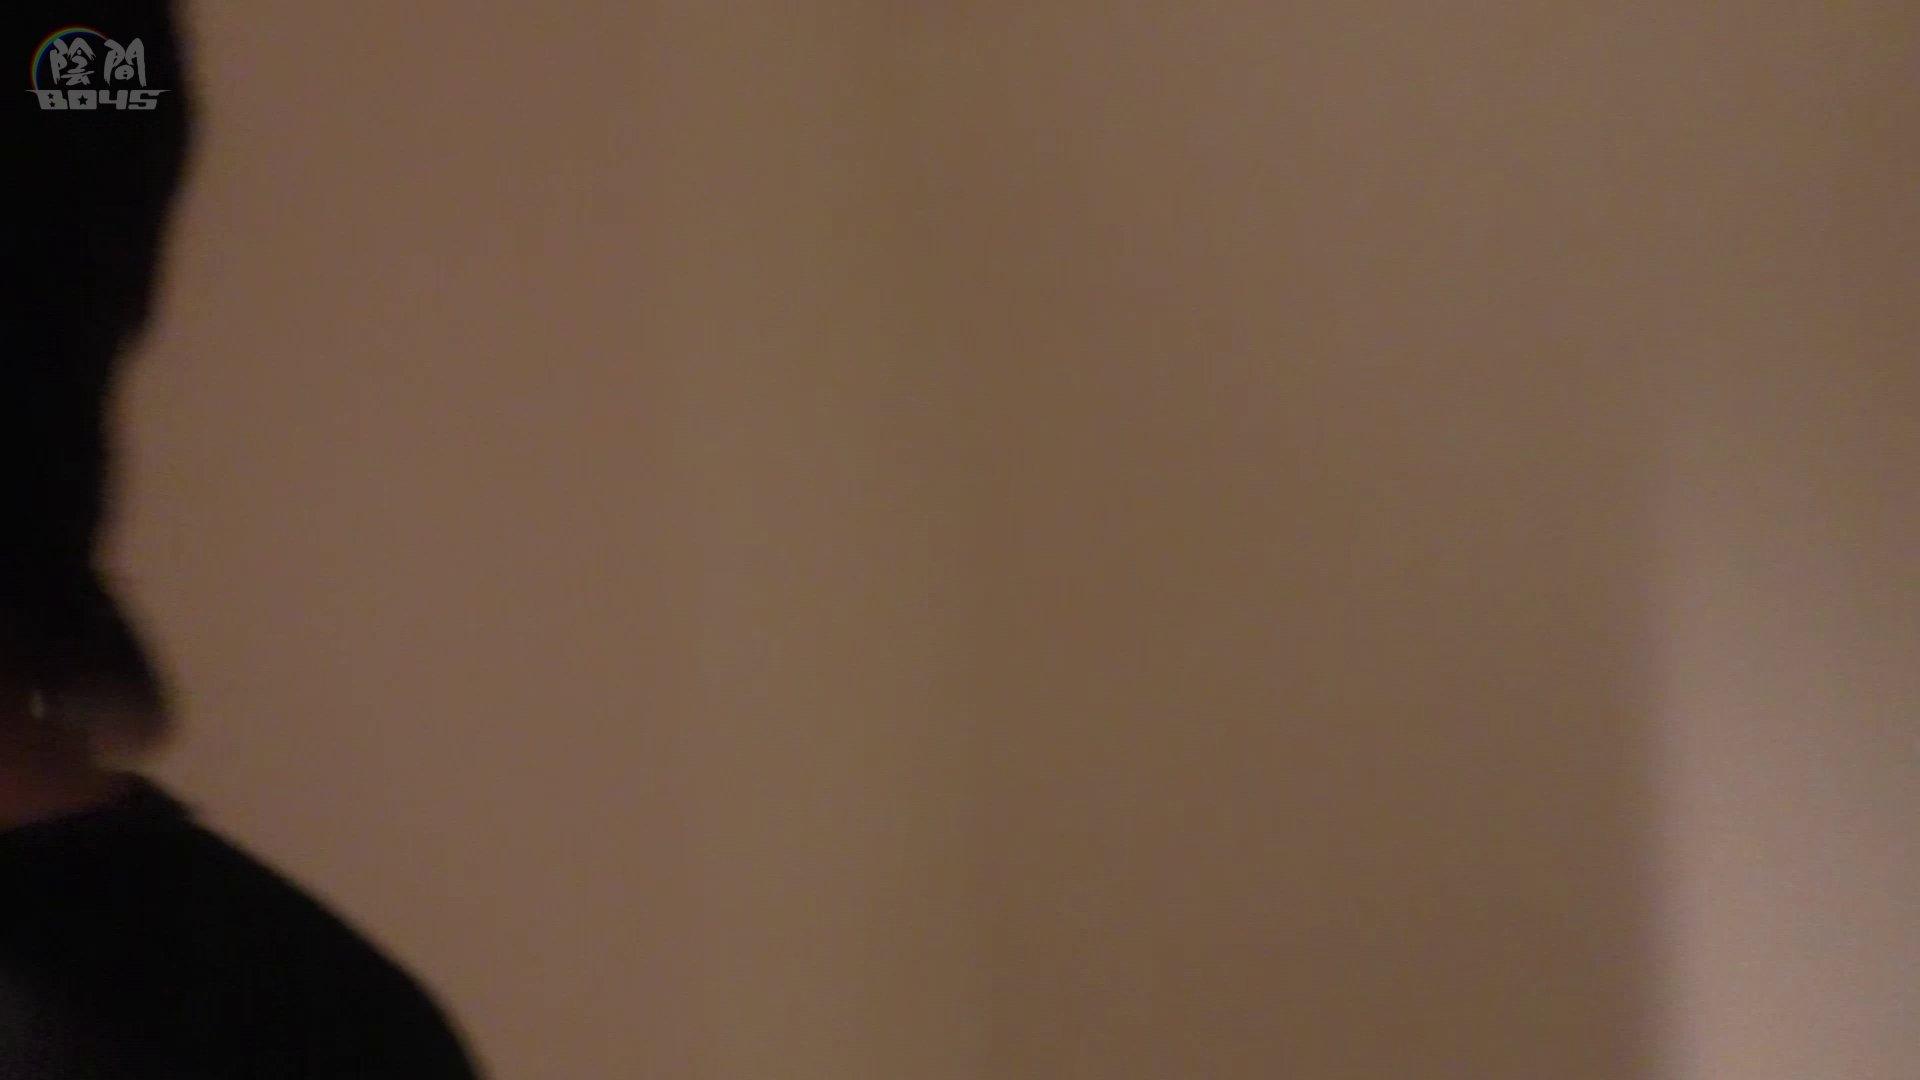 """ADのお仕事part3 part3 No.01""""アナルやばいっす"""" 三ツ星シリーズ ゲイ丸見え画像 116枚 38"""